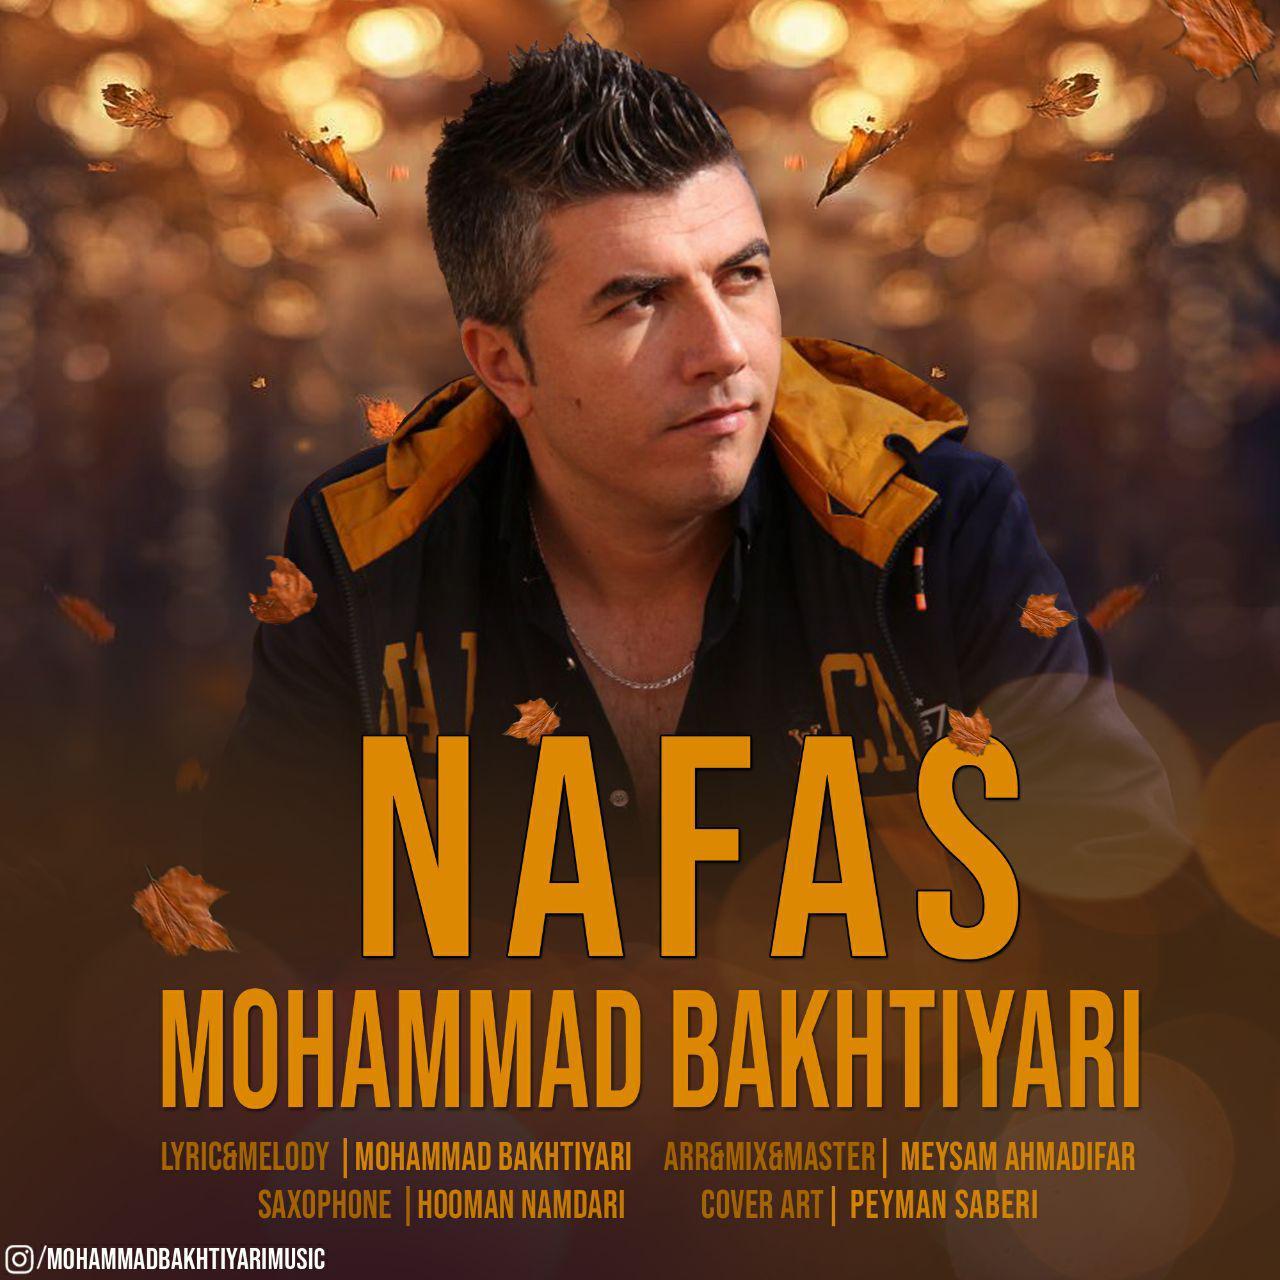 Mohammad Bakhtiyari – Nafas